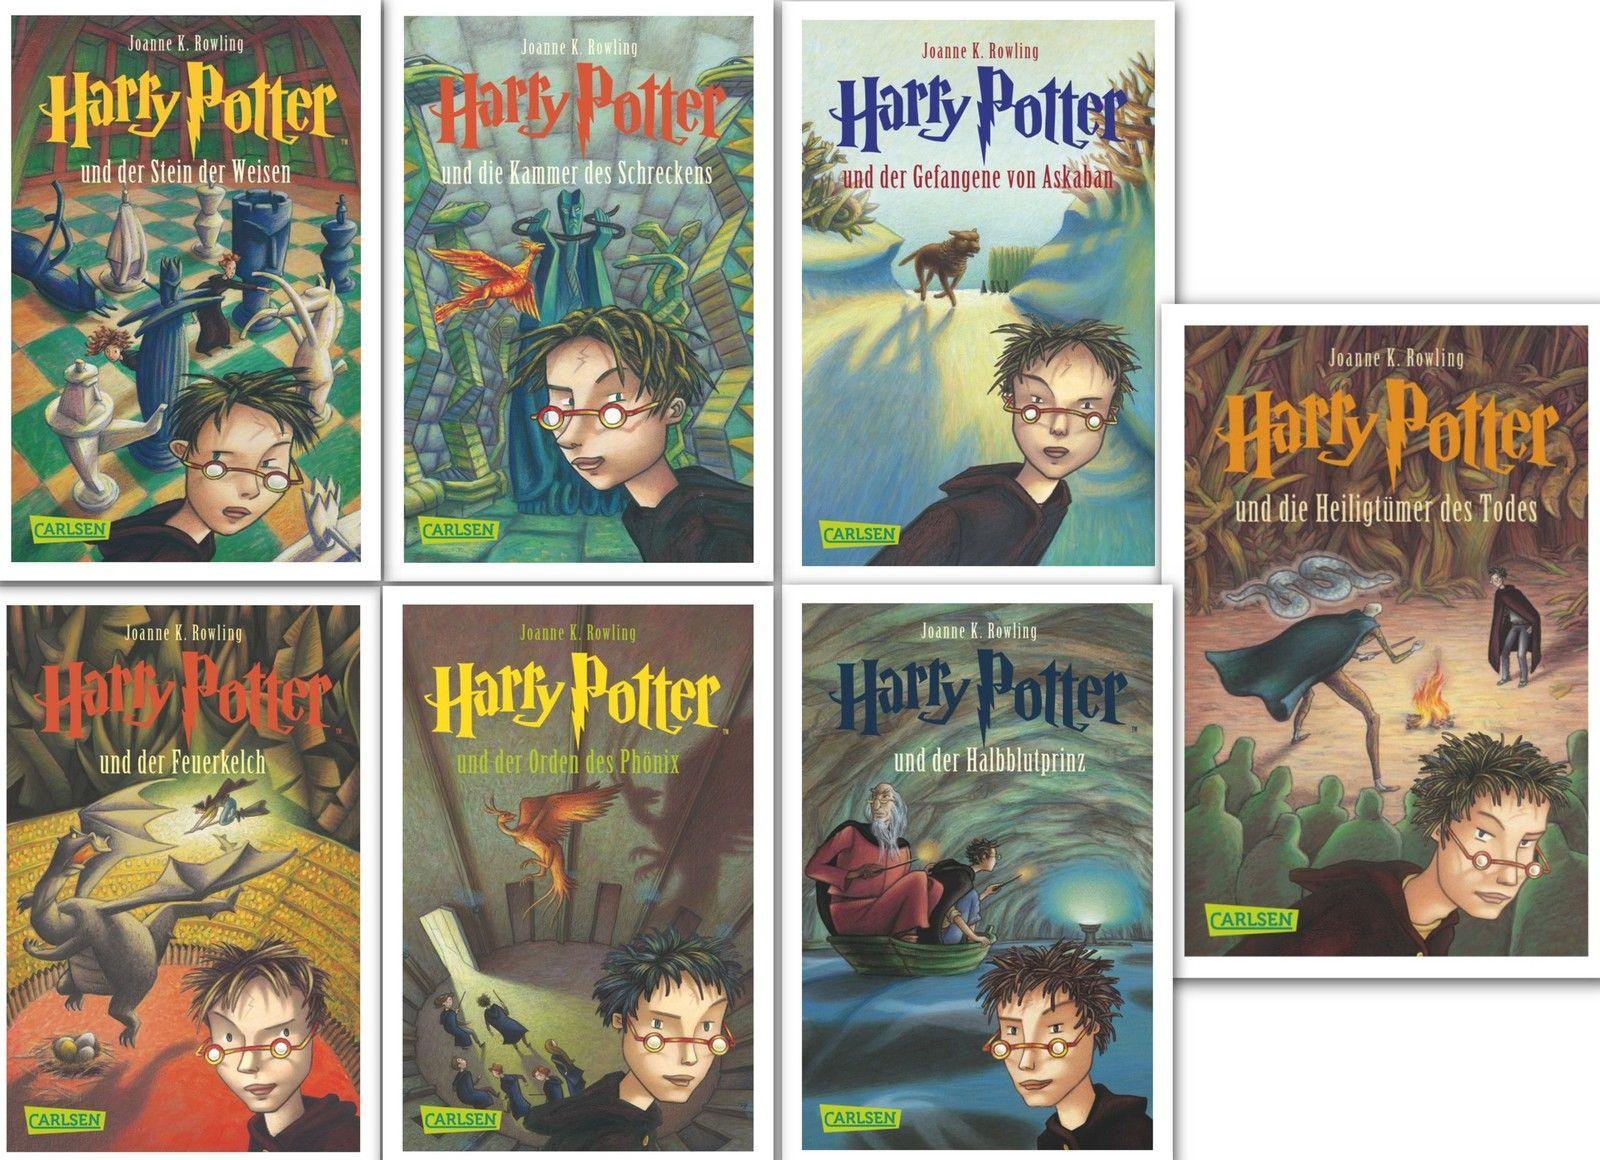 Harry Potter Band 1,2,3,4,5,6,7 komplett, Gesamtausgabe von Joanne K. Rowling